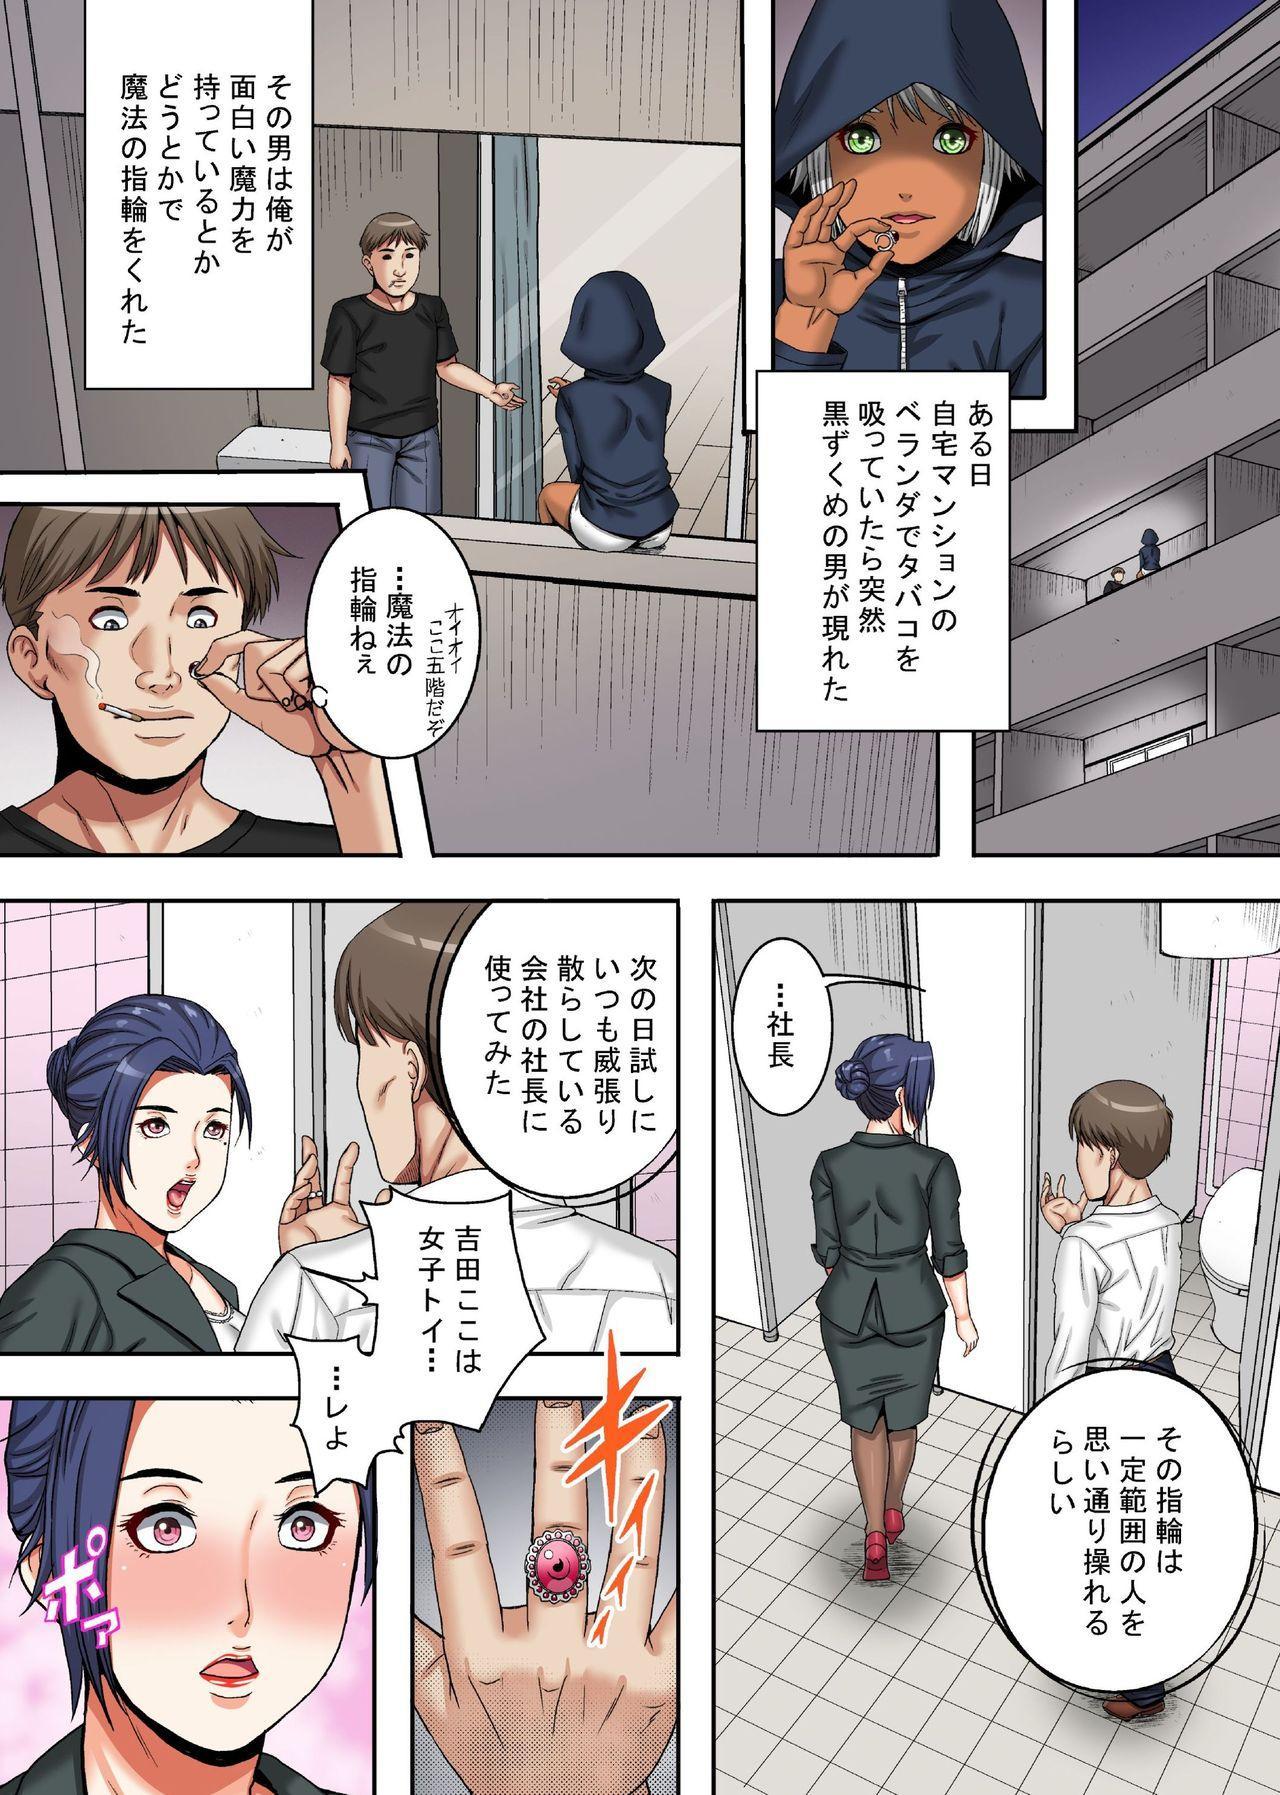 Takabisha Onna o Mahou no Yubiwa de Yarihoudai ~ Kyonyuu Onna Shachou mo, Bijin Hisho mo, Meikko-chan mo Minna Matomete Hamemakuru! 3